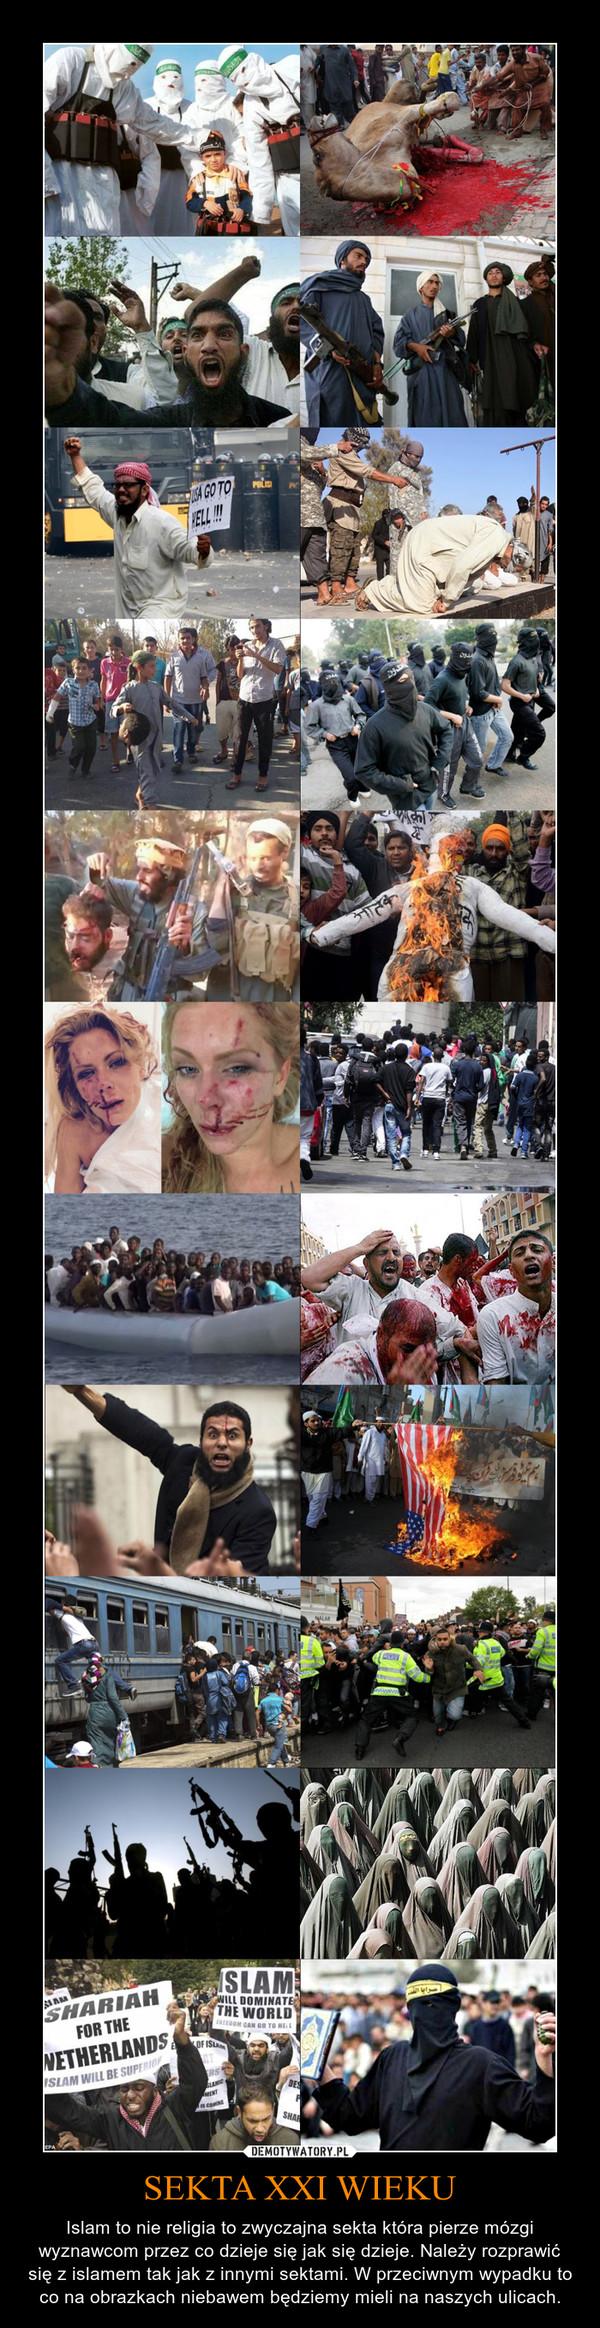 SEKTA XXI WIEKU – Islam to nie religia to zwyczajna sekta która pierze mózgi wyznawcom przez co dzieje się jak się dzieje. Należy rozprawić się z islamem tak jak z innymi sektami. W przeciwnym wypadku to co na obrazkach niebawem będziemy mieli na naszych ulicach.